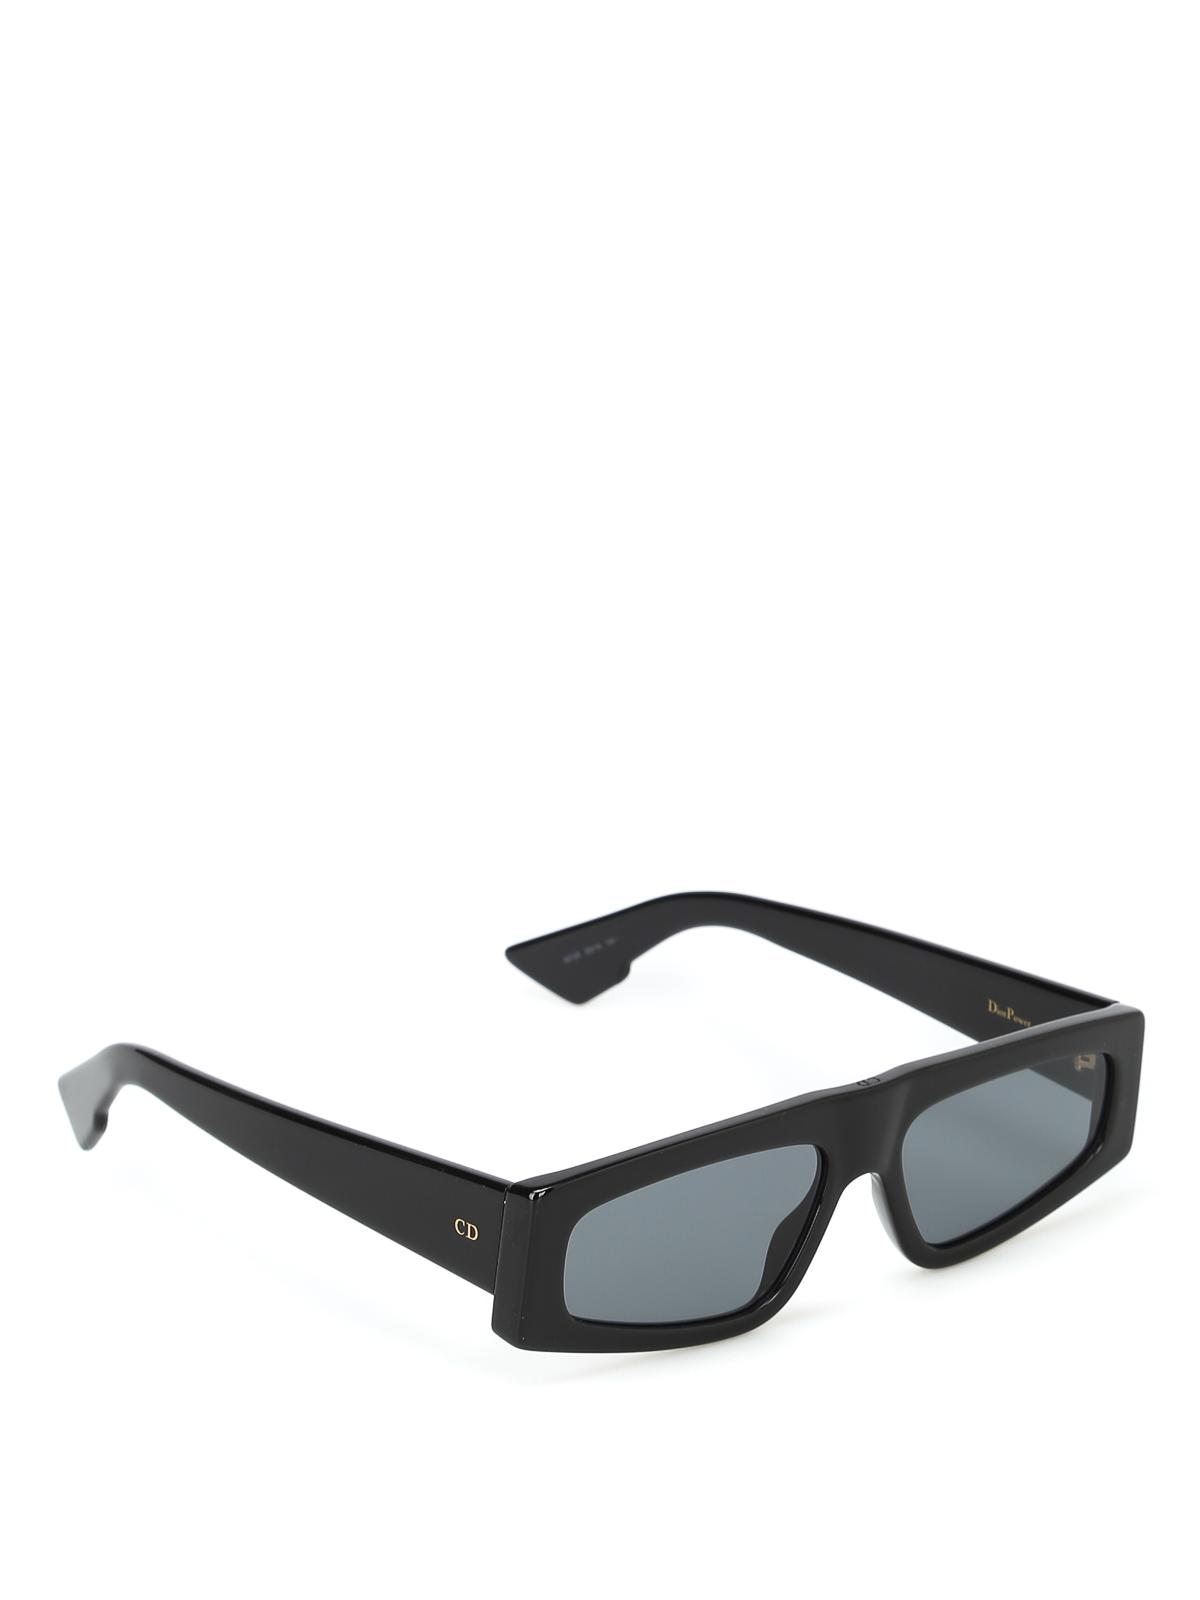 Dior - Gafas De Sol - Diorpower - Gafas de sol - DIORPOWER8072K b0af56f7a591